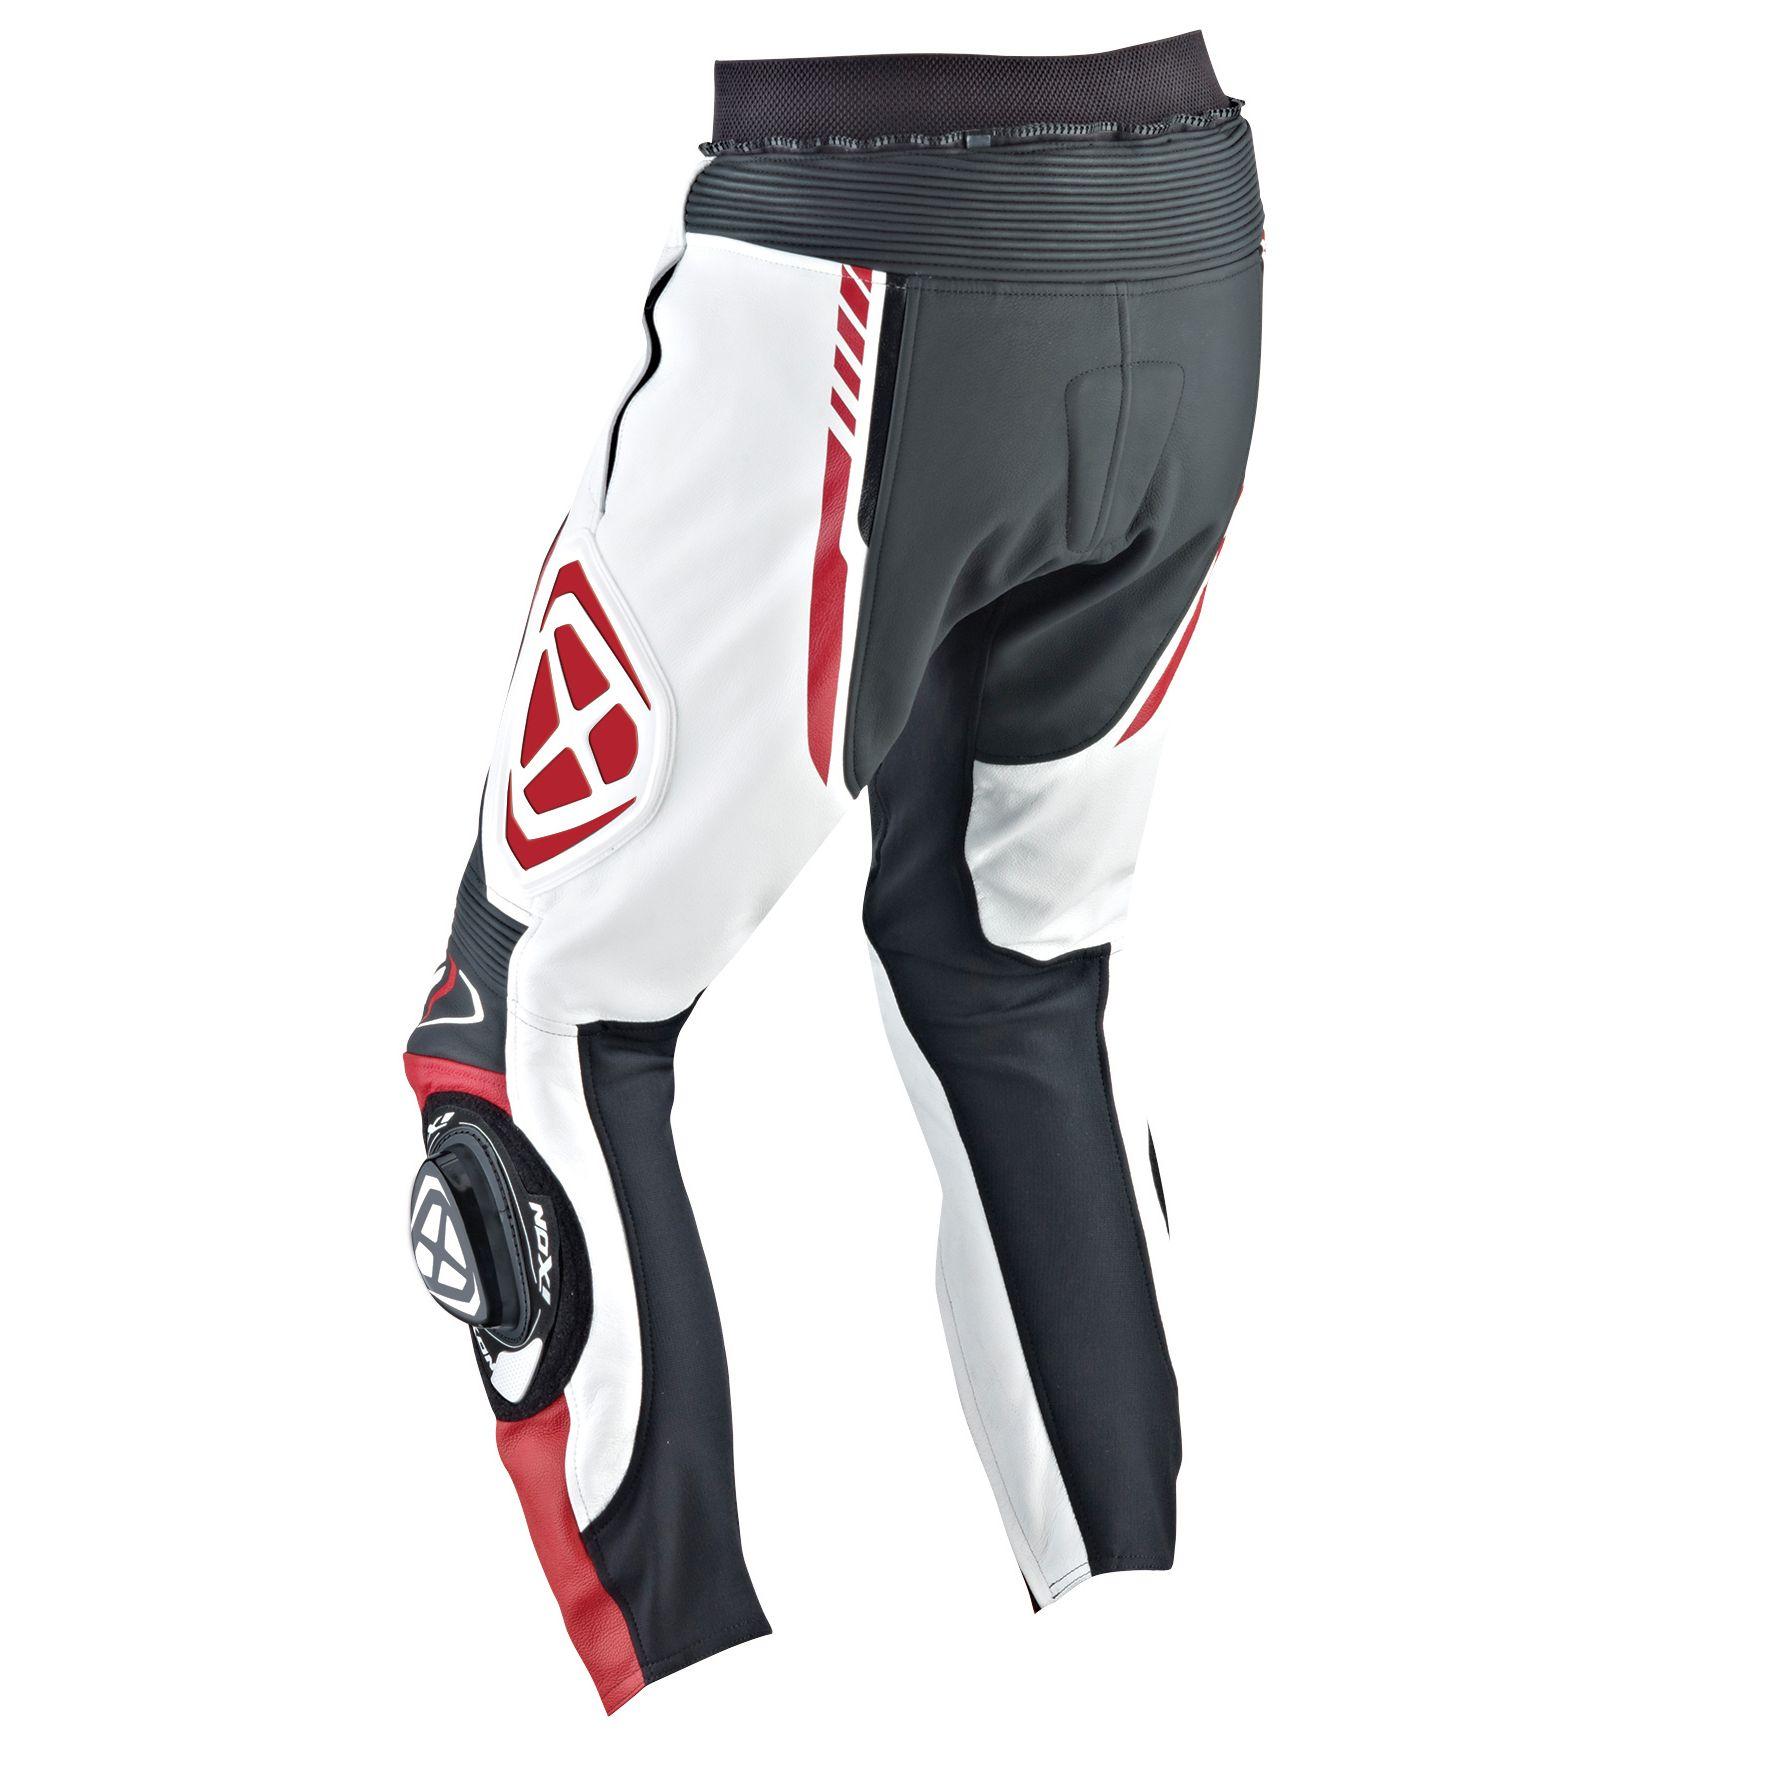 8c6fb2905b80e Pantalon Ixon Fin de serie VORTEX - Pantalon moto - Motoblouz.com